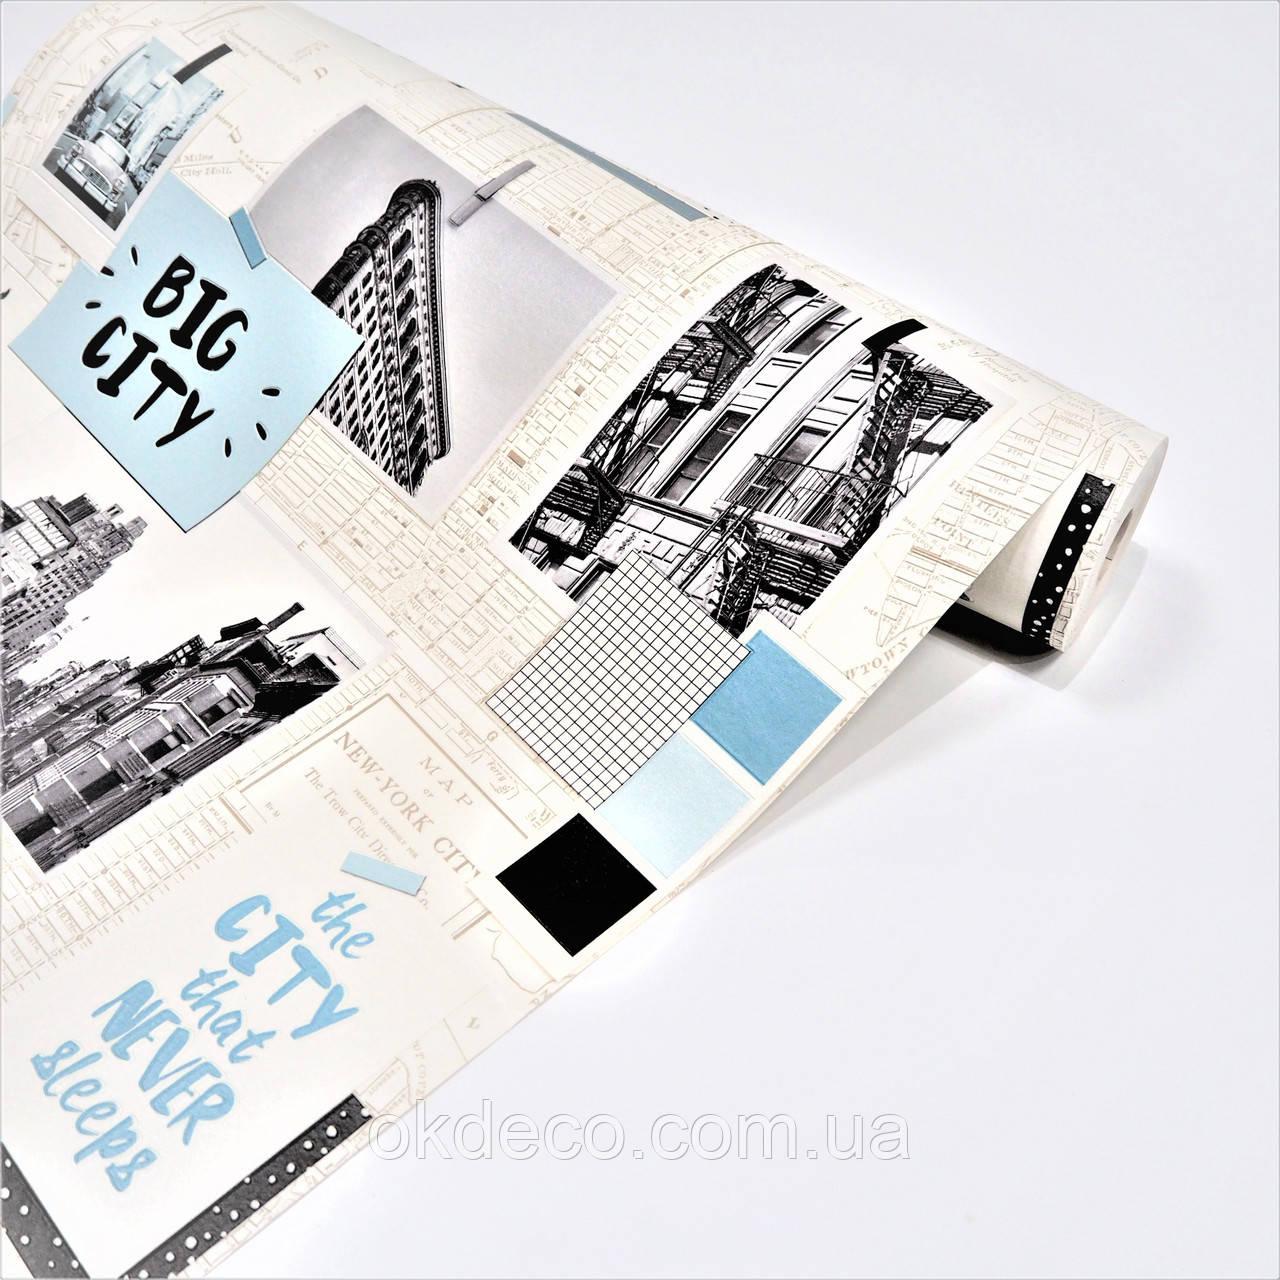 Обои виниловые на бумажной основе Sintra Decoration 403617